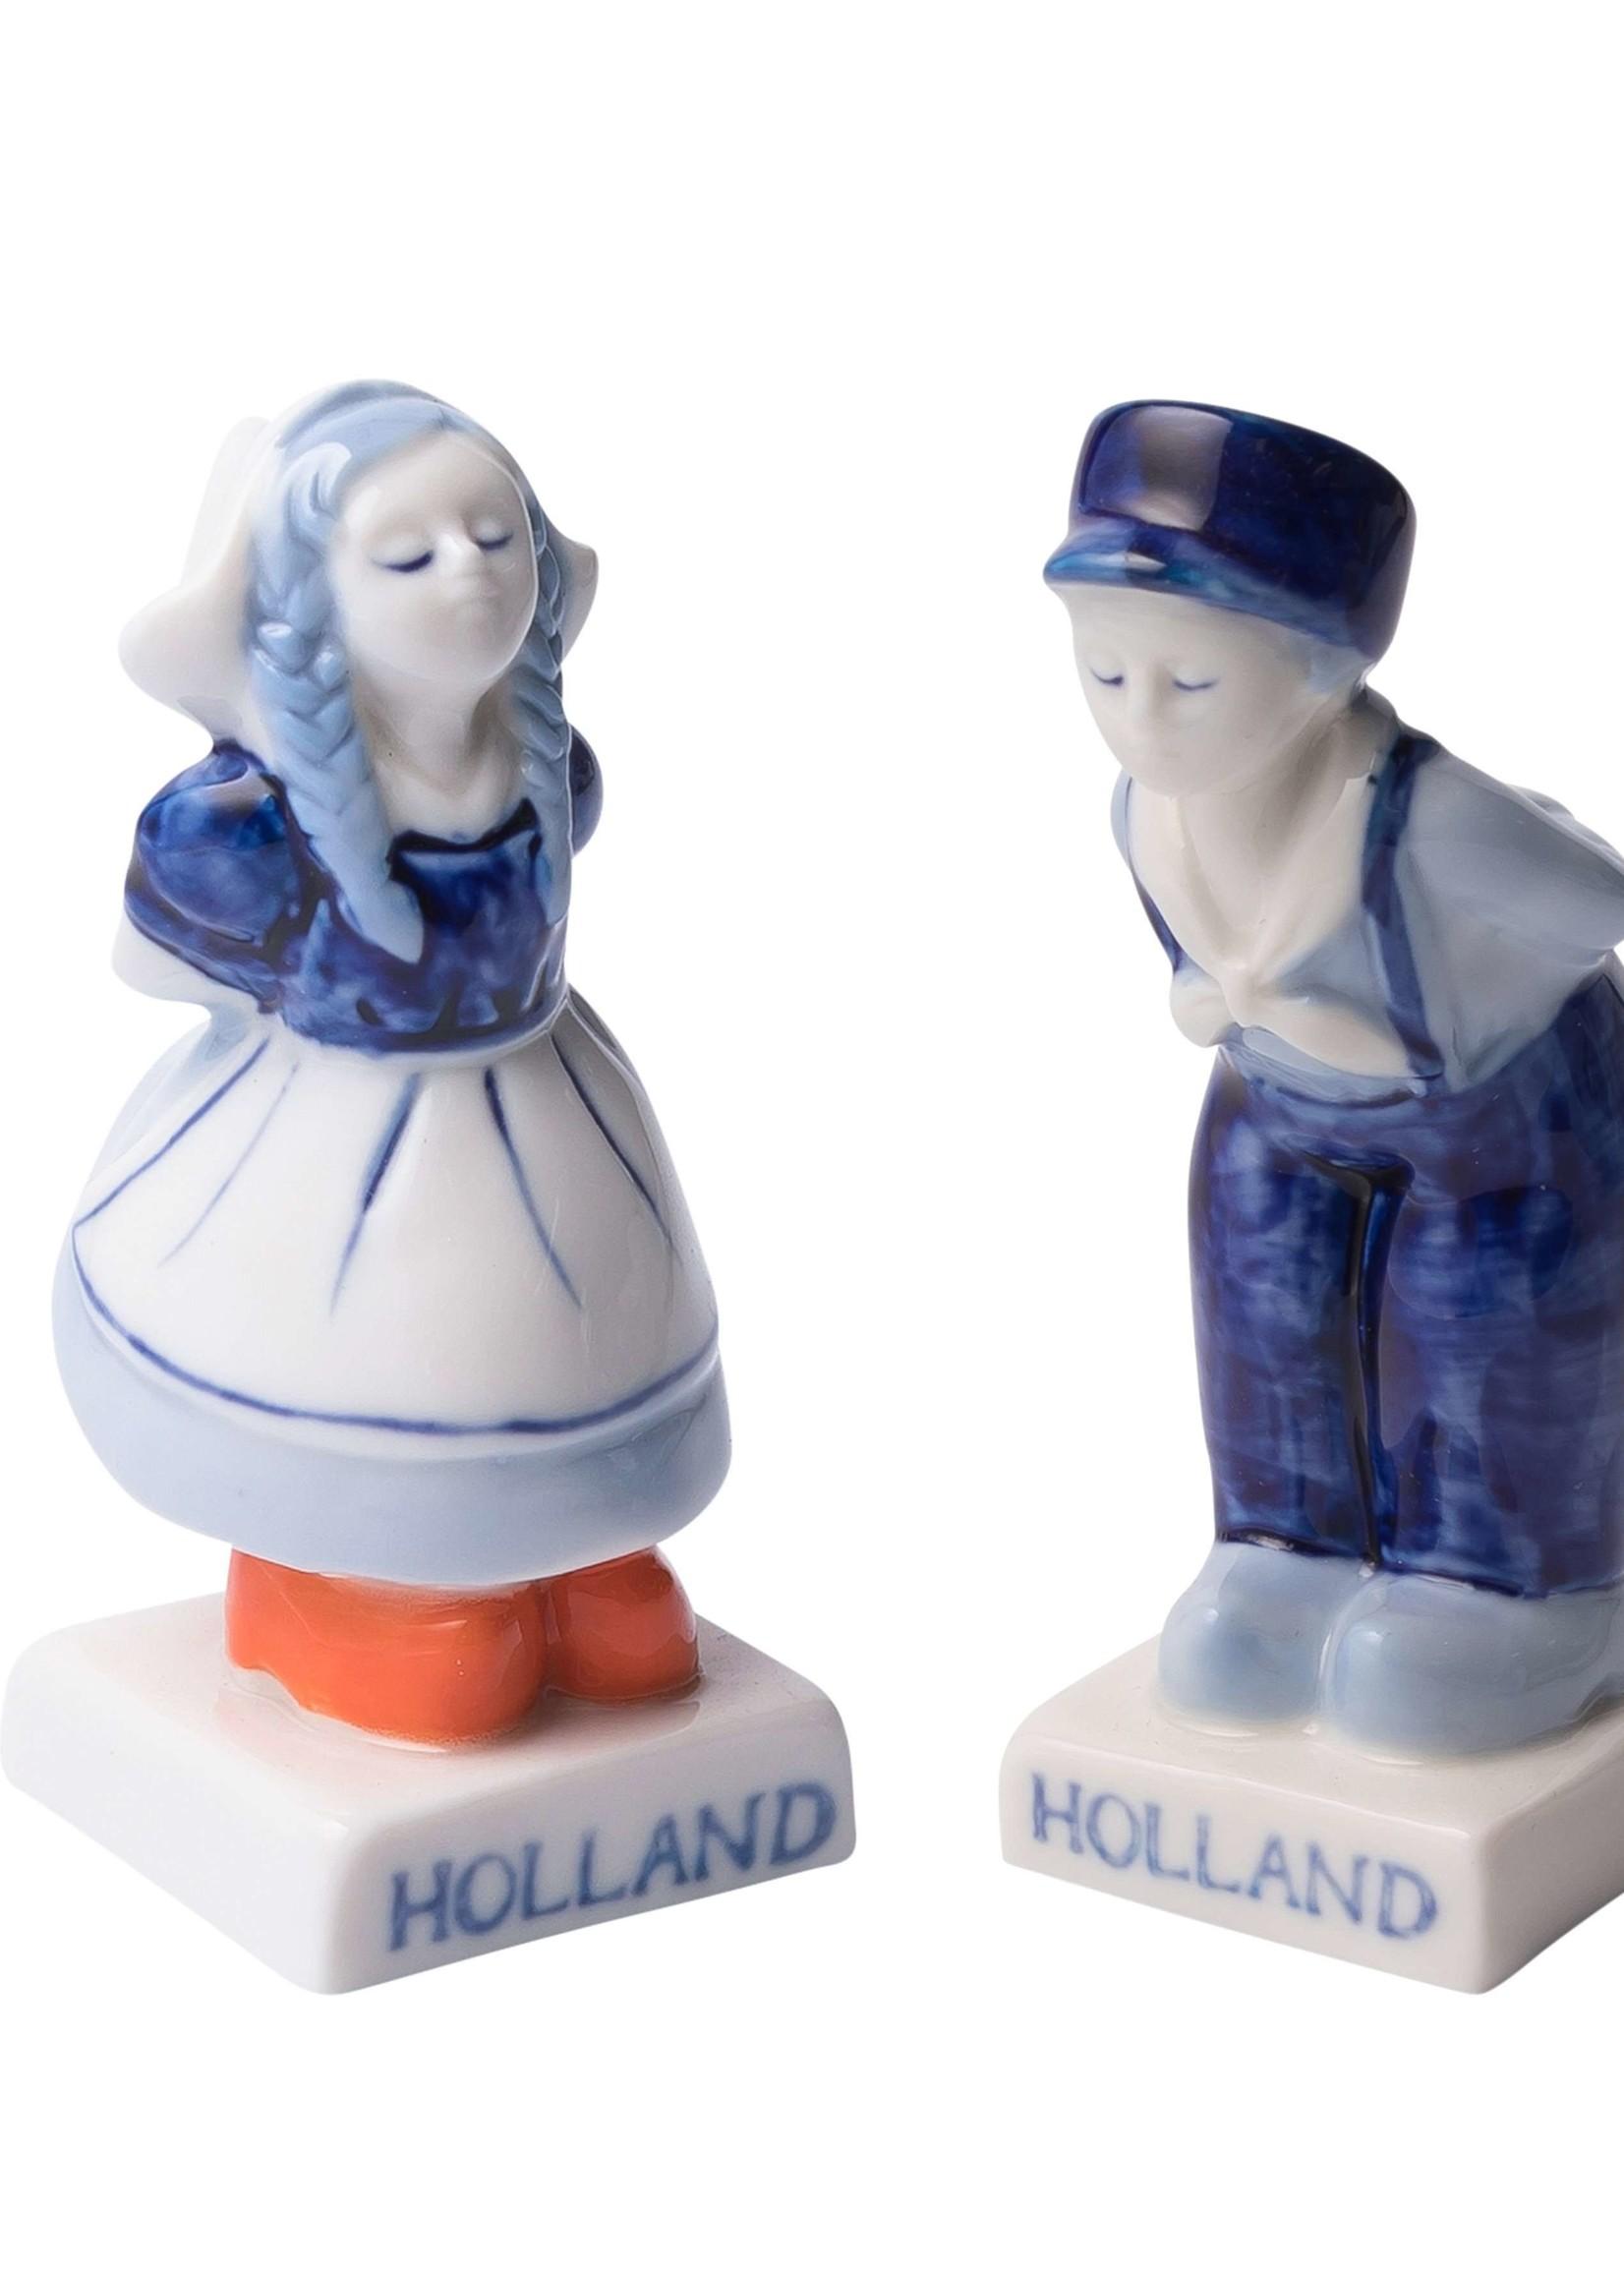 Delft Blue Kissing Couple Salt and Pepper Shaker